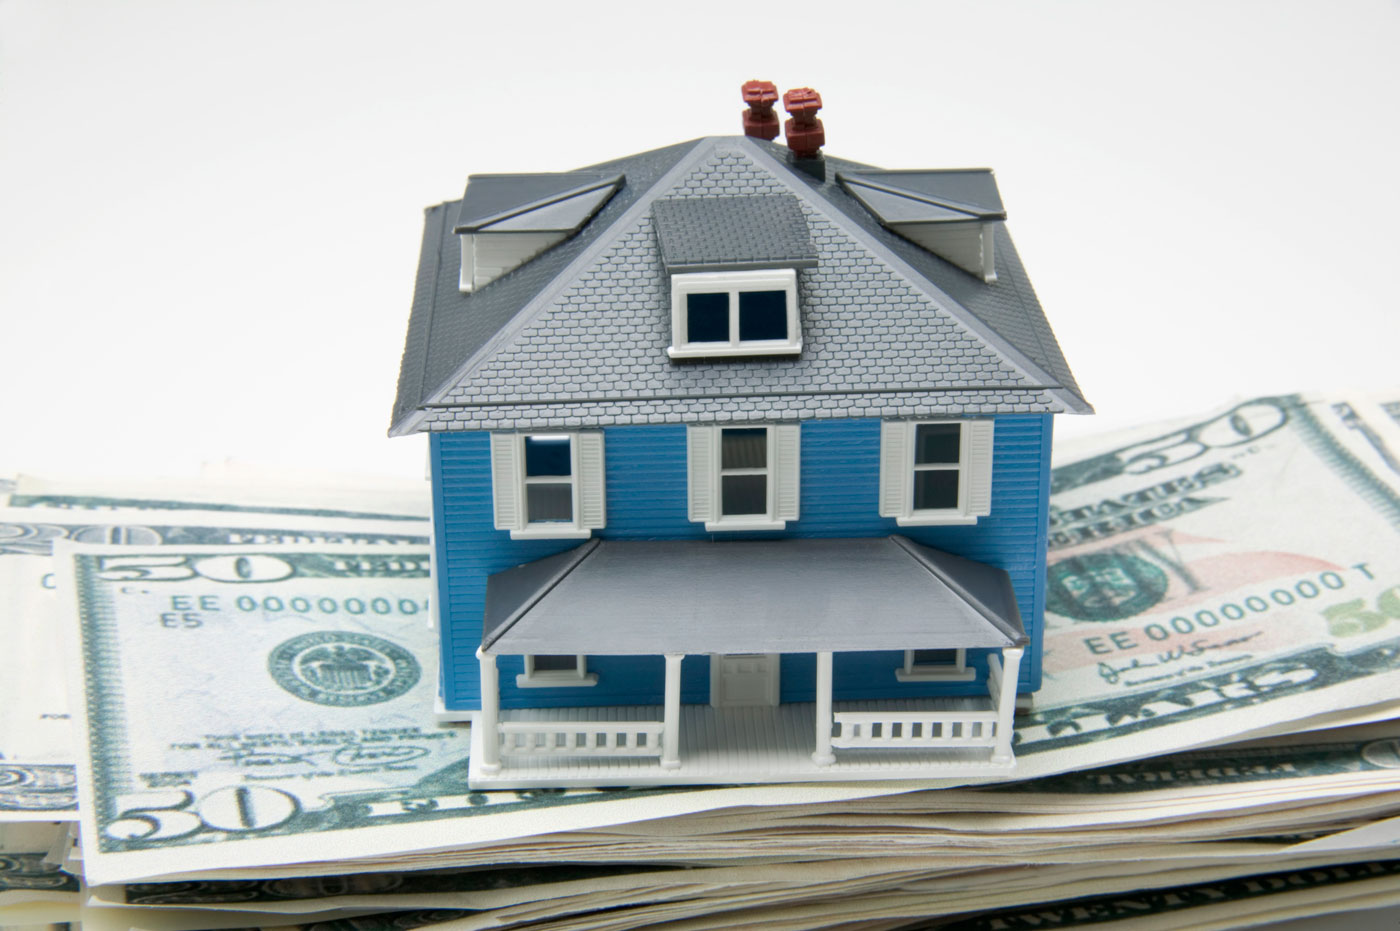 Ипотека деньги под залог недвижимости проверить машину по залогу